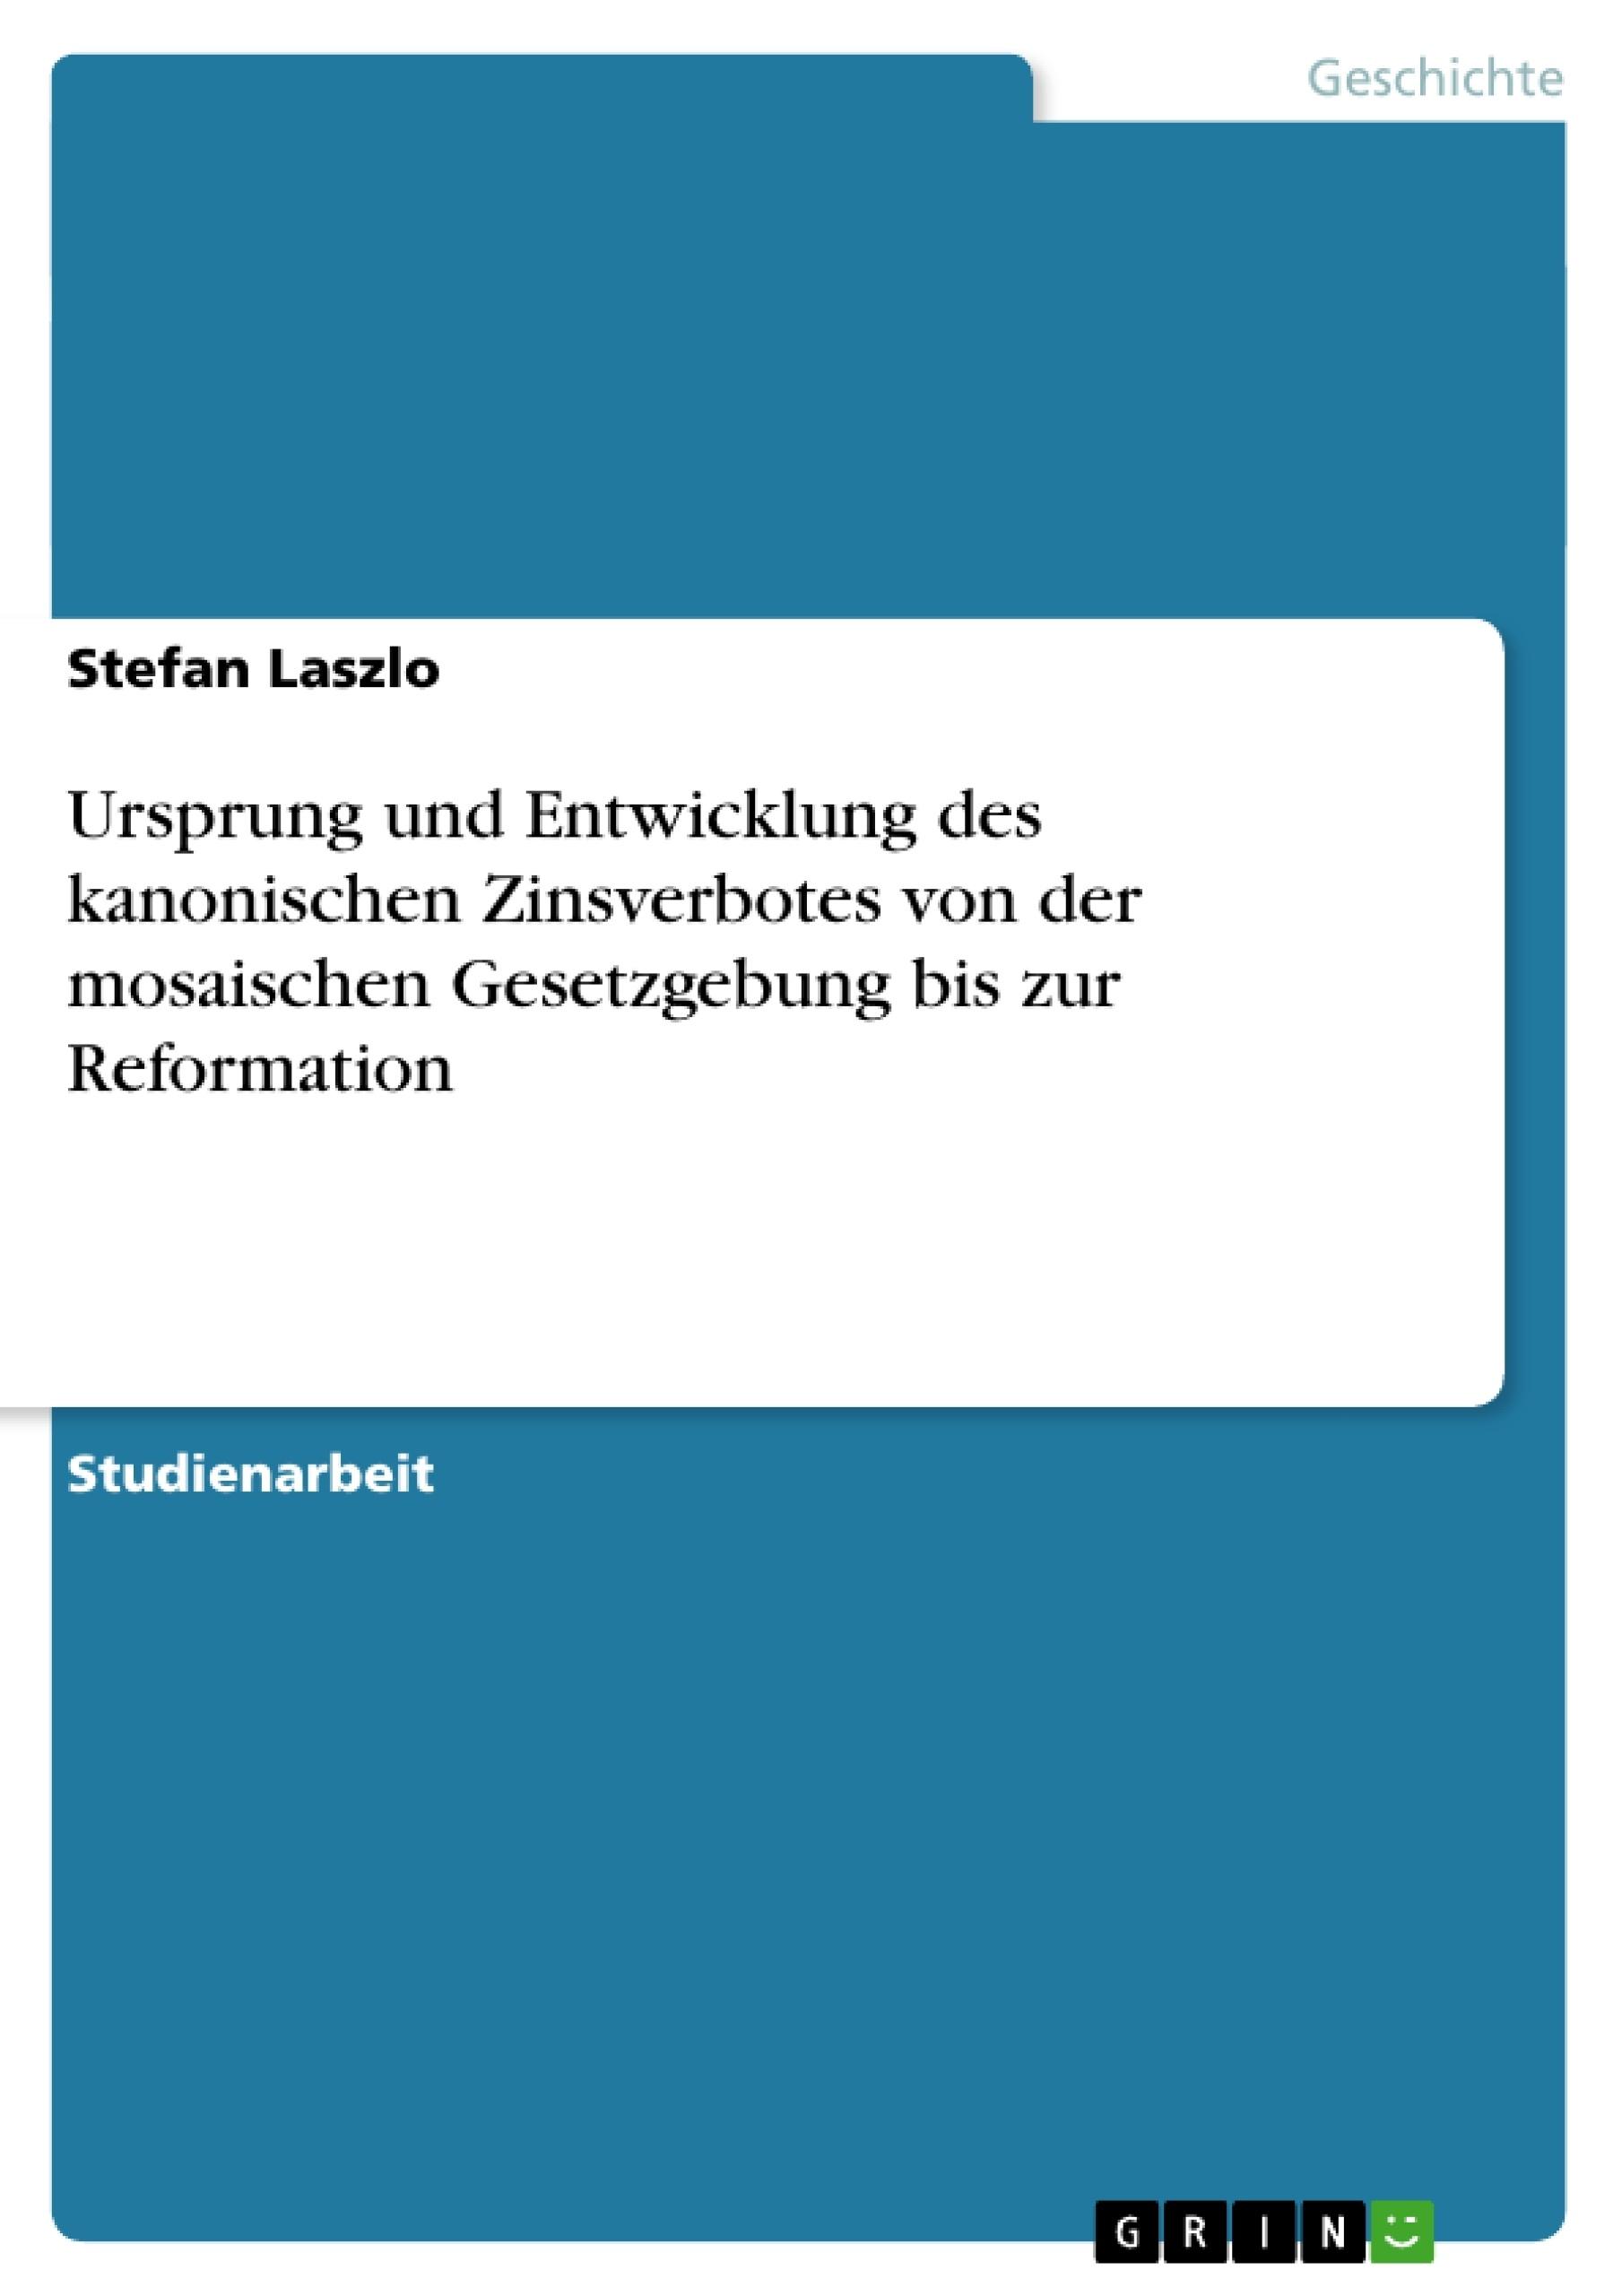 Titel: Ursprung und Entwicklung des kanonischen Zinsverbotes von der mosaischen Gesetzgebung bis zur Reformation